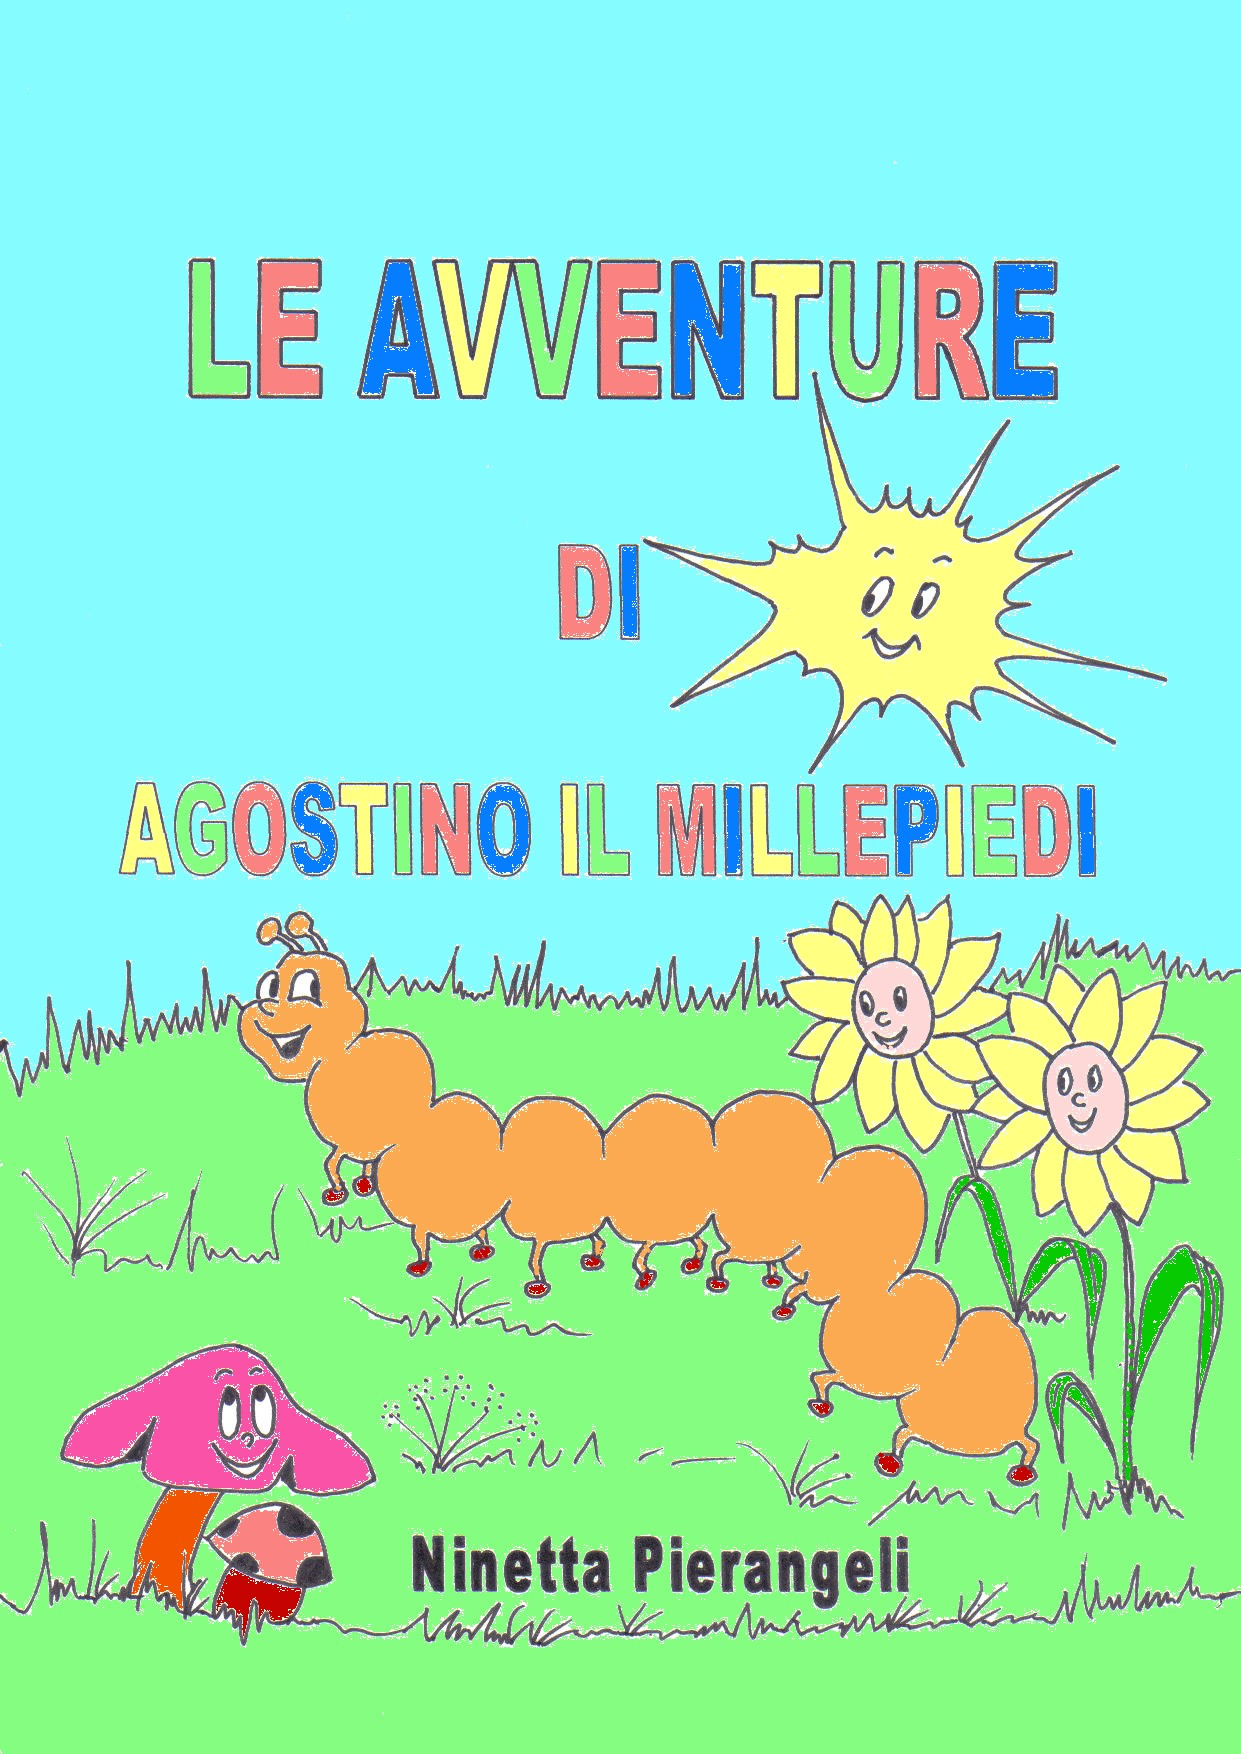 La avventure di Agostino il millepiedi